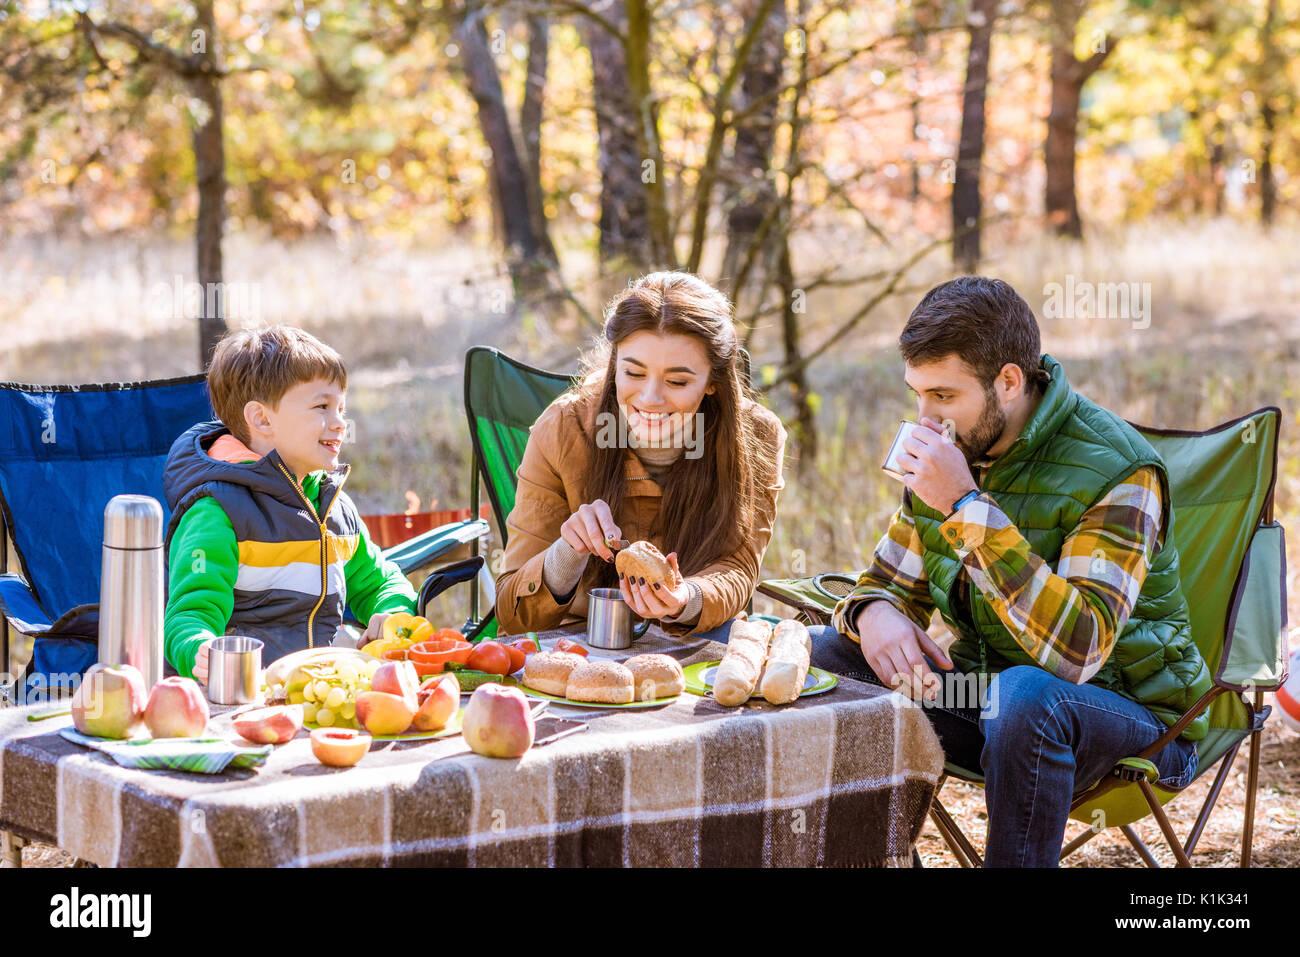 Sorridenti famiglia mangiare e divertirsi stando seduti a tavola su picnic nella foresta di autunno Immagini Stock